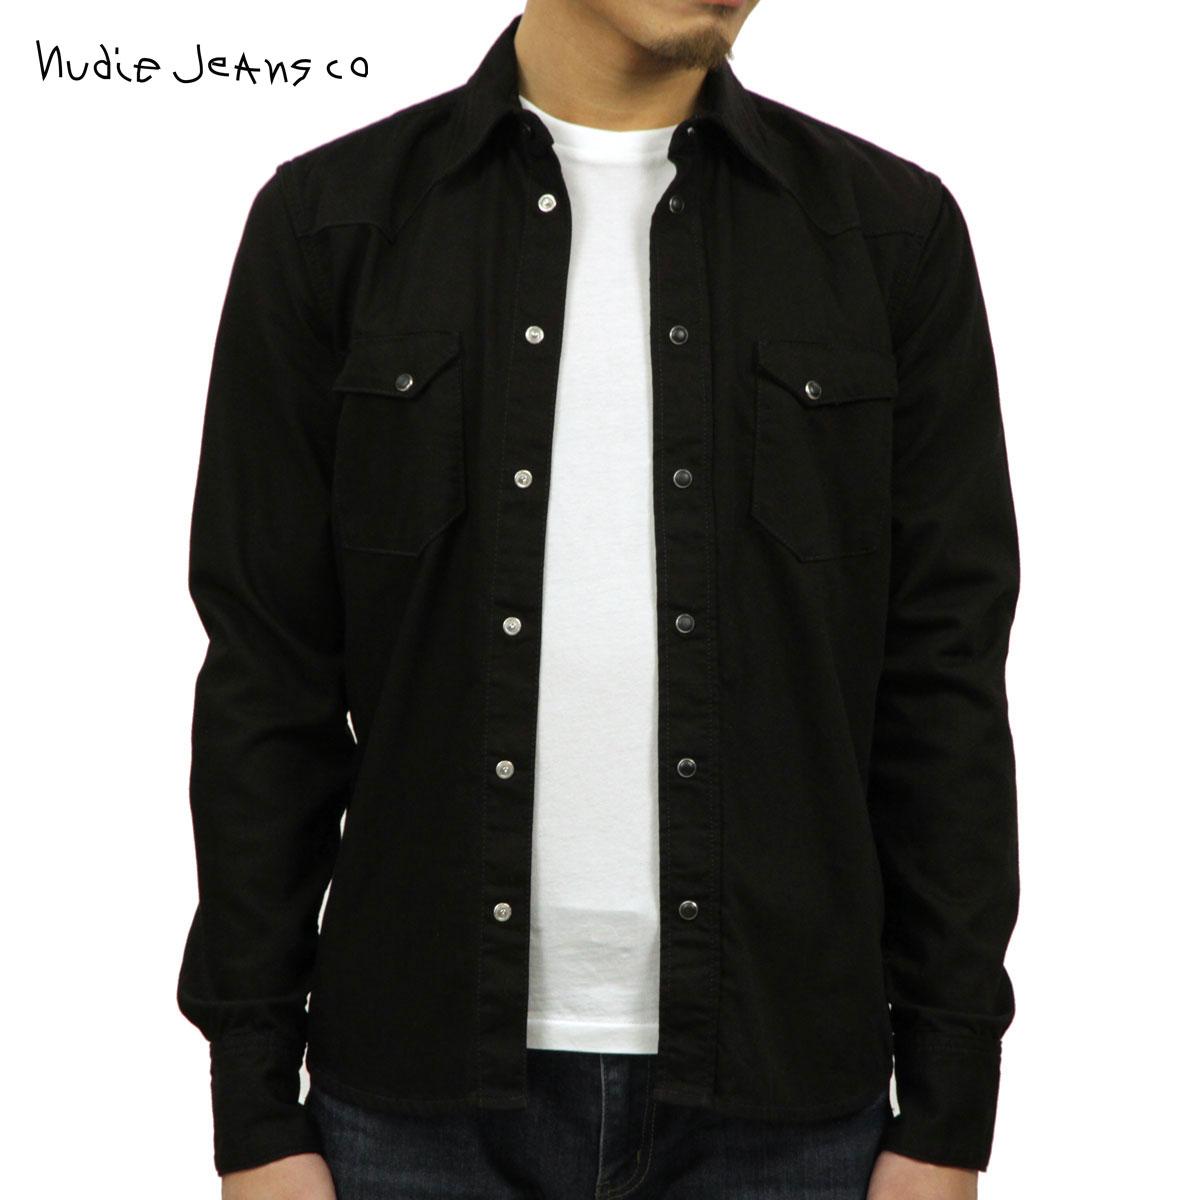 ヌーディージーンズ シャツ メンズ 正規販売店 Nudie Jeans 長袖シャツ Jonis Org. Deep Black B01 140281 3022